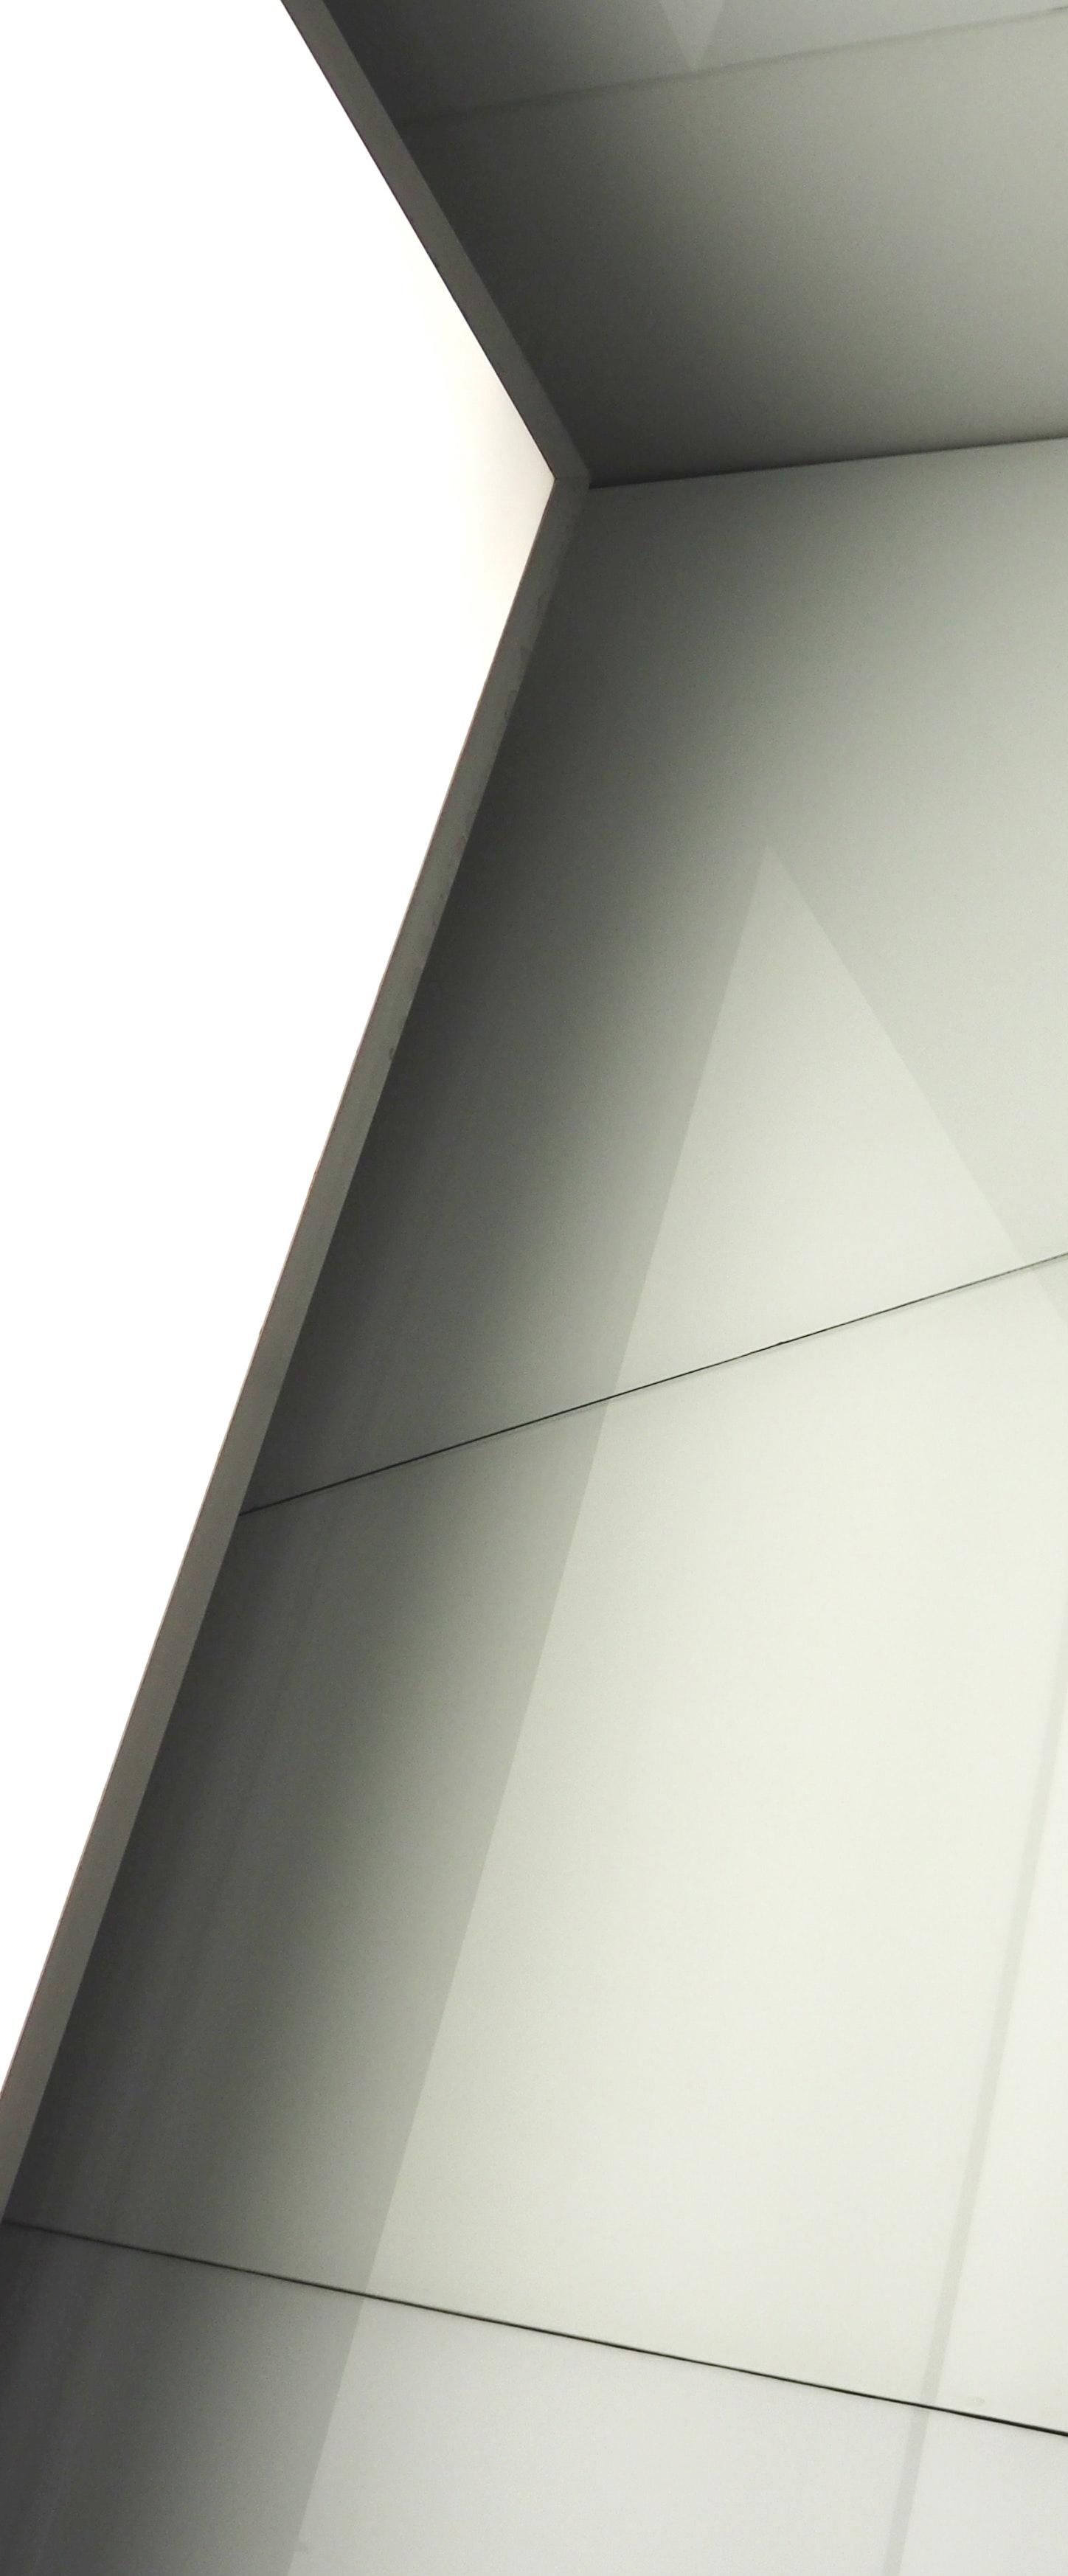 """Ausschnitt eines Architekturbildes, auf dem verschiedenen Linien zu sehen sind, für die Seite """"Werte"""""""